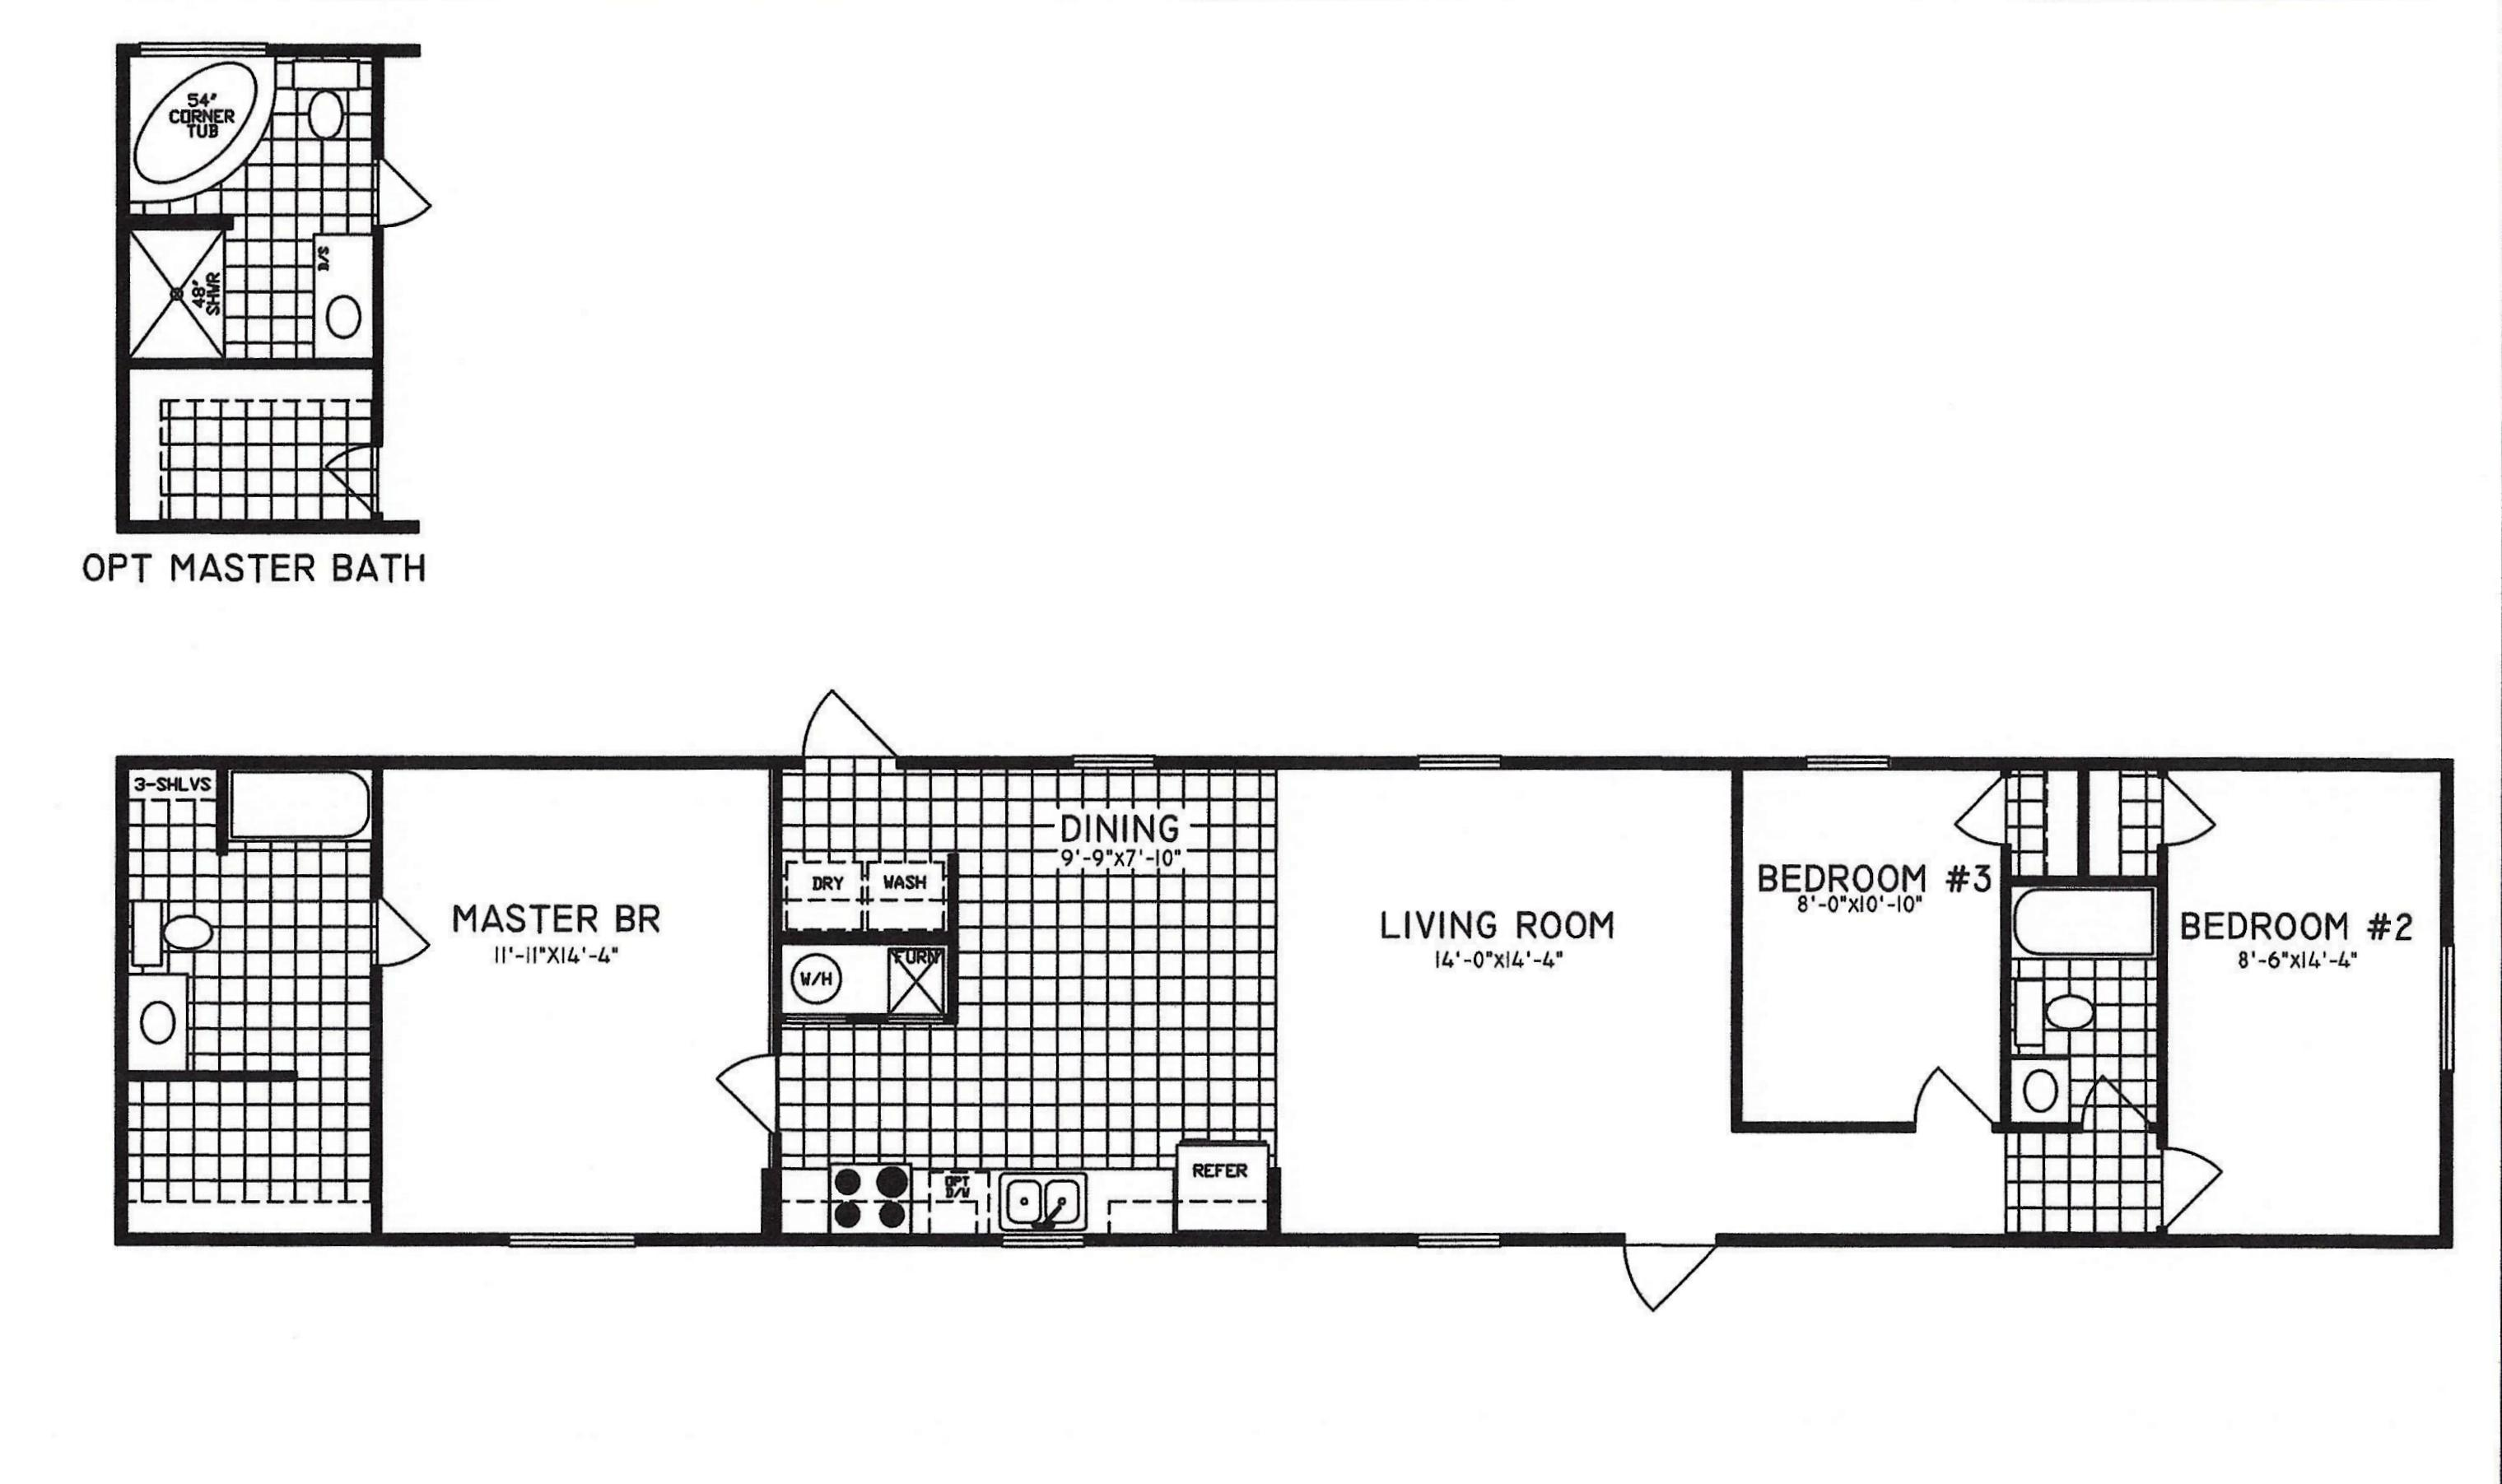 3 Bedroom Floor Plan C 8001 Hawks Homes Manufactured